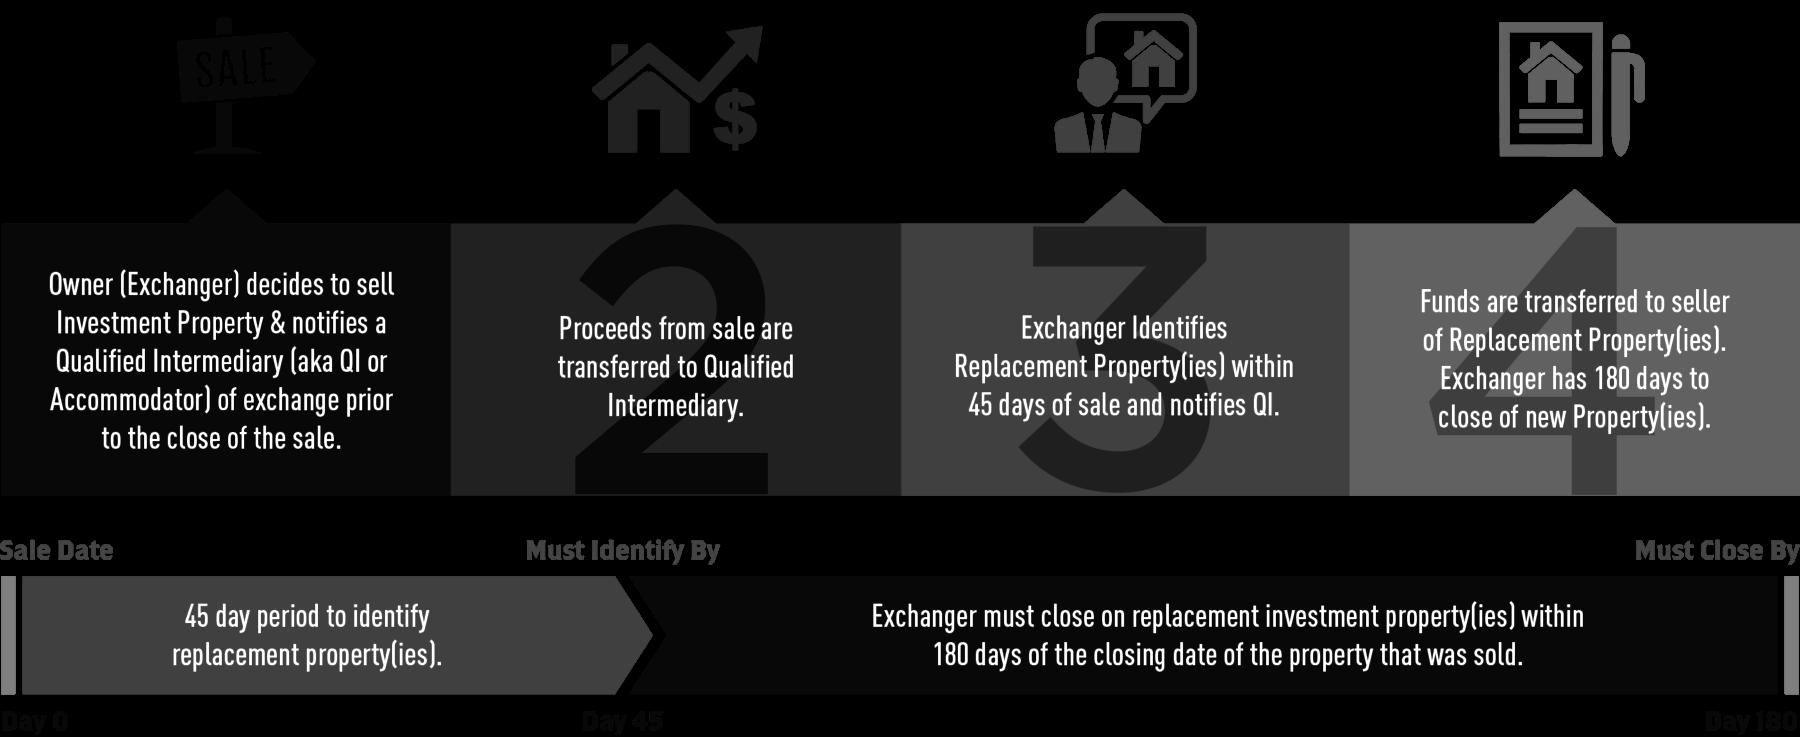 1031 Exchange Rules - belastinglatentie